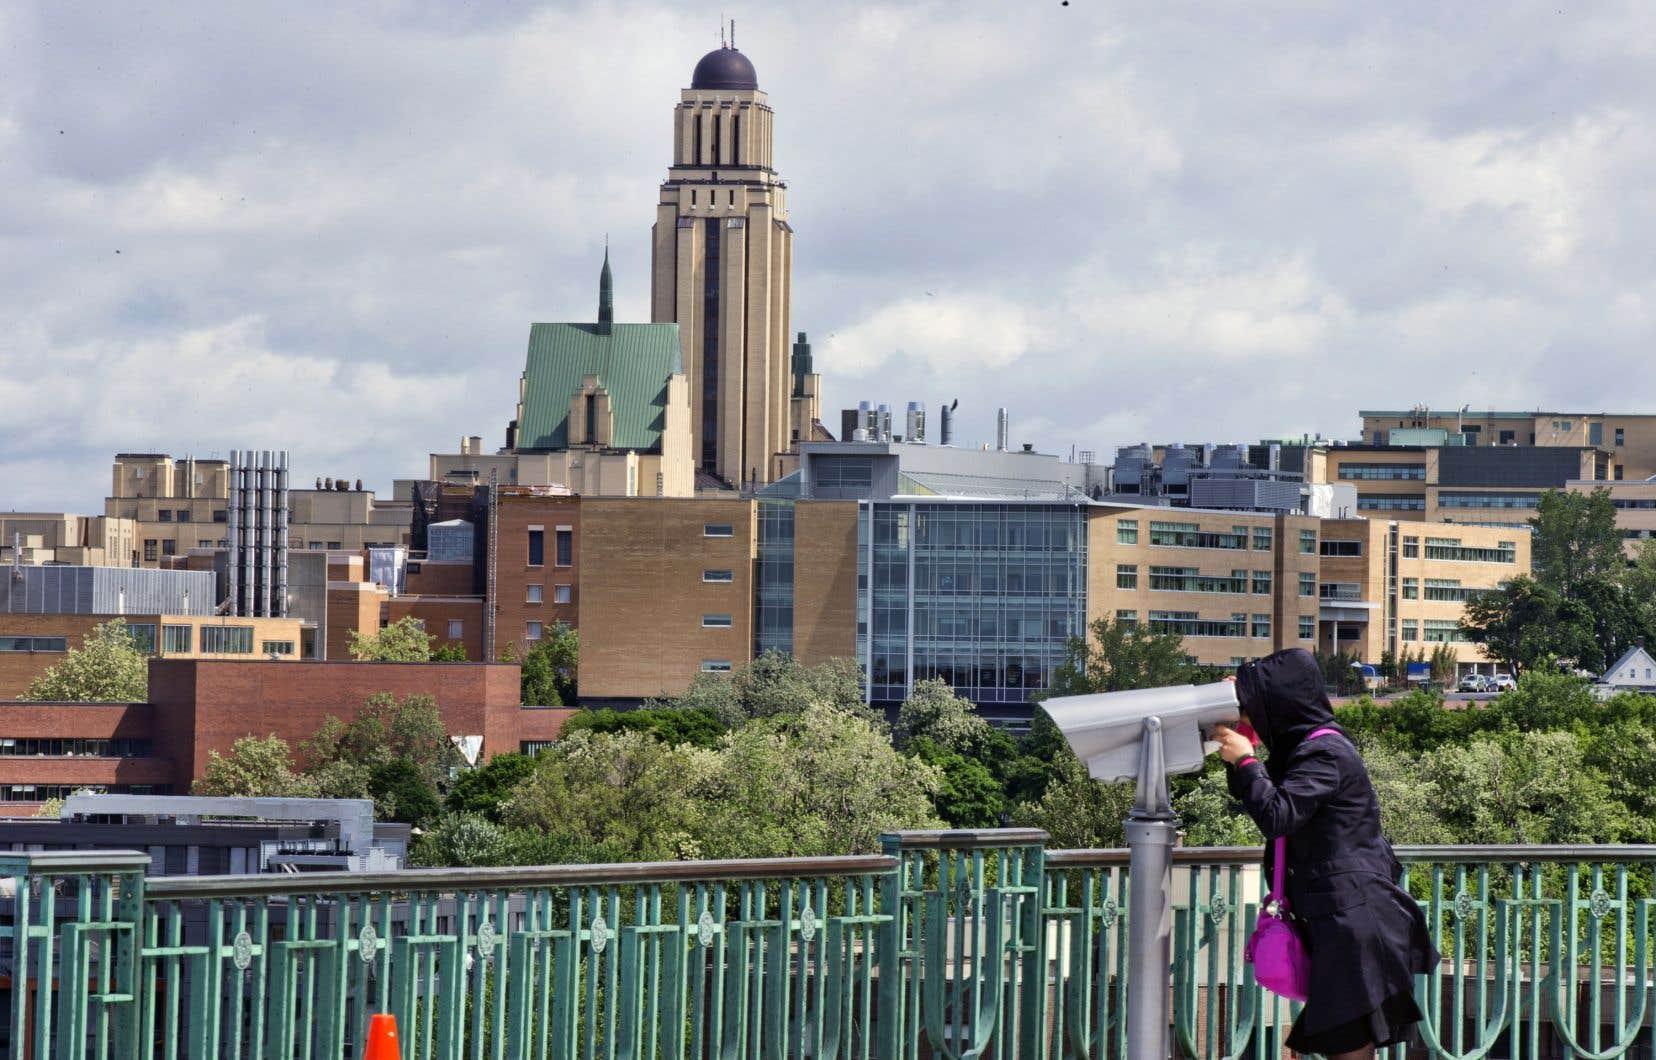 L'Université de Montréal compte augmenter «légèrement le nombre de cours multimodaux, c'est-à-dire donnés à la fois en présence et à distance, en particulier dans les programmes où il y a actuellement très peu d'activités en présentiel».